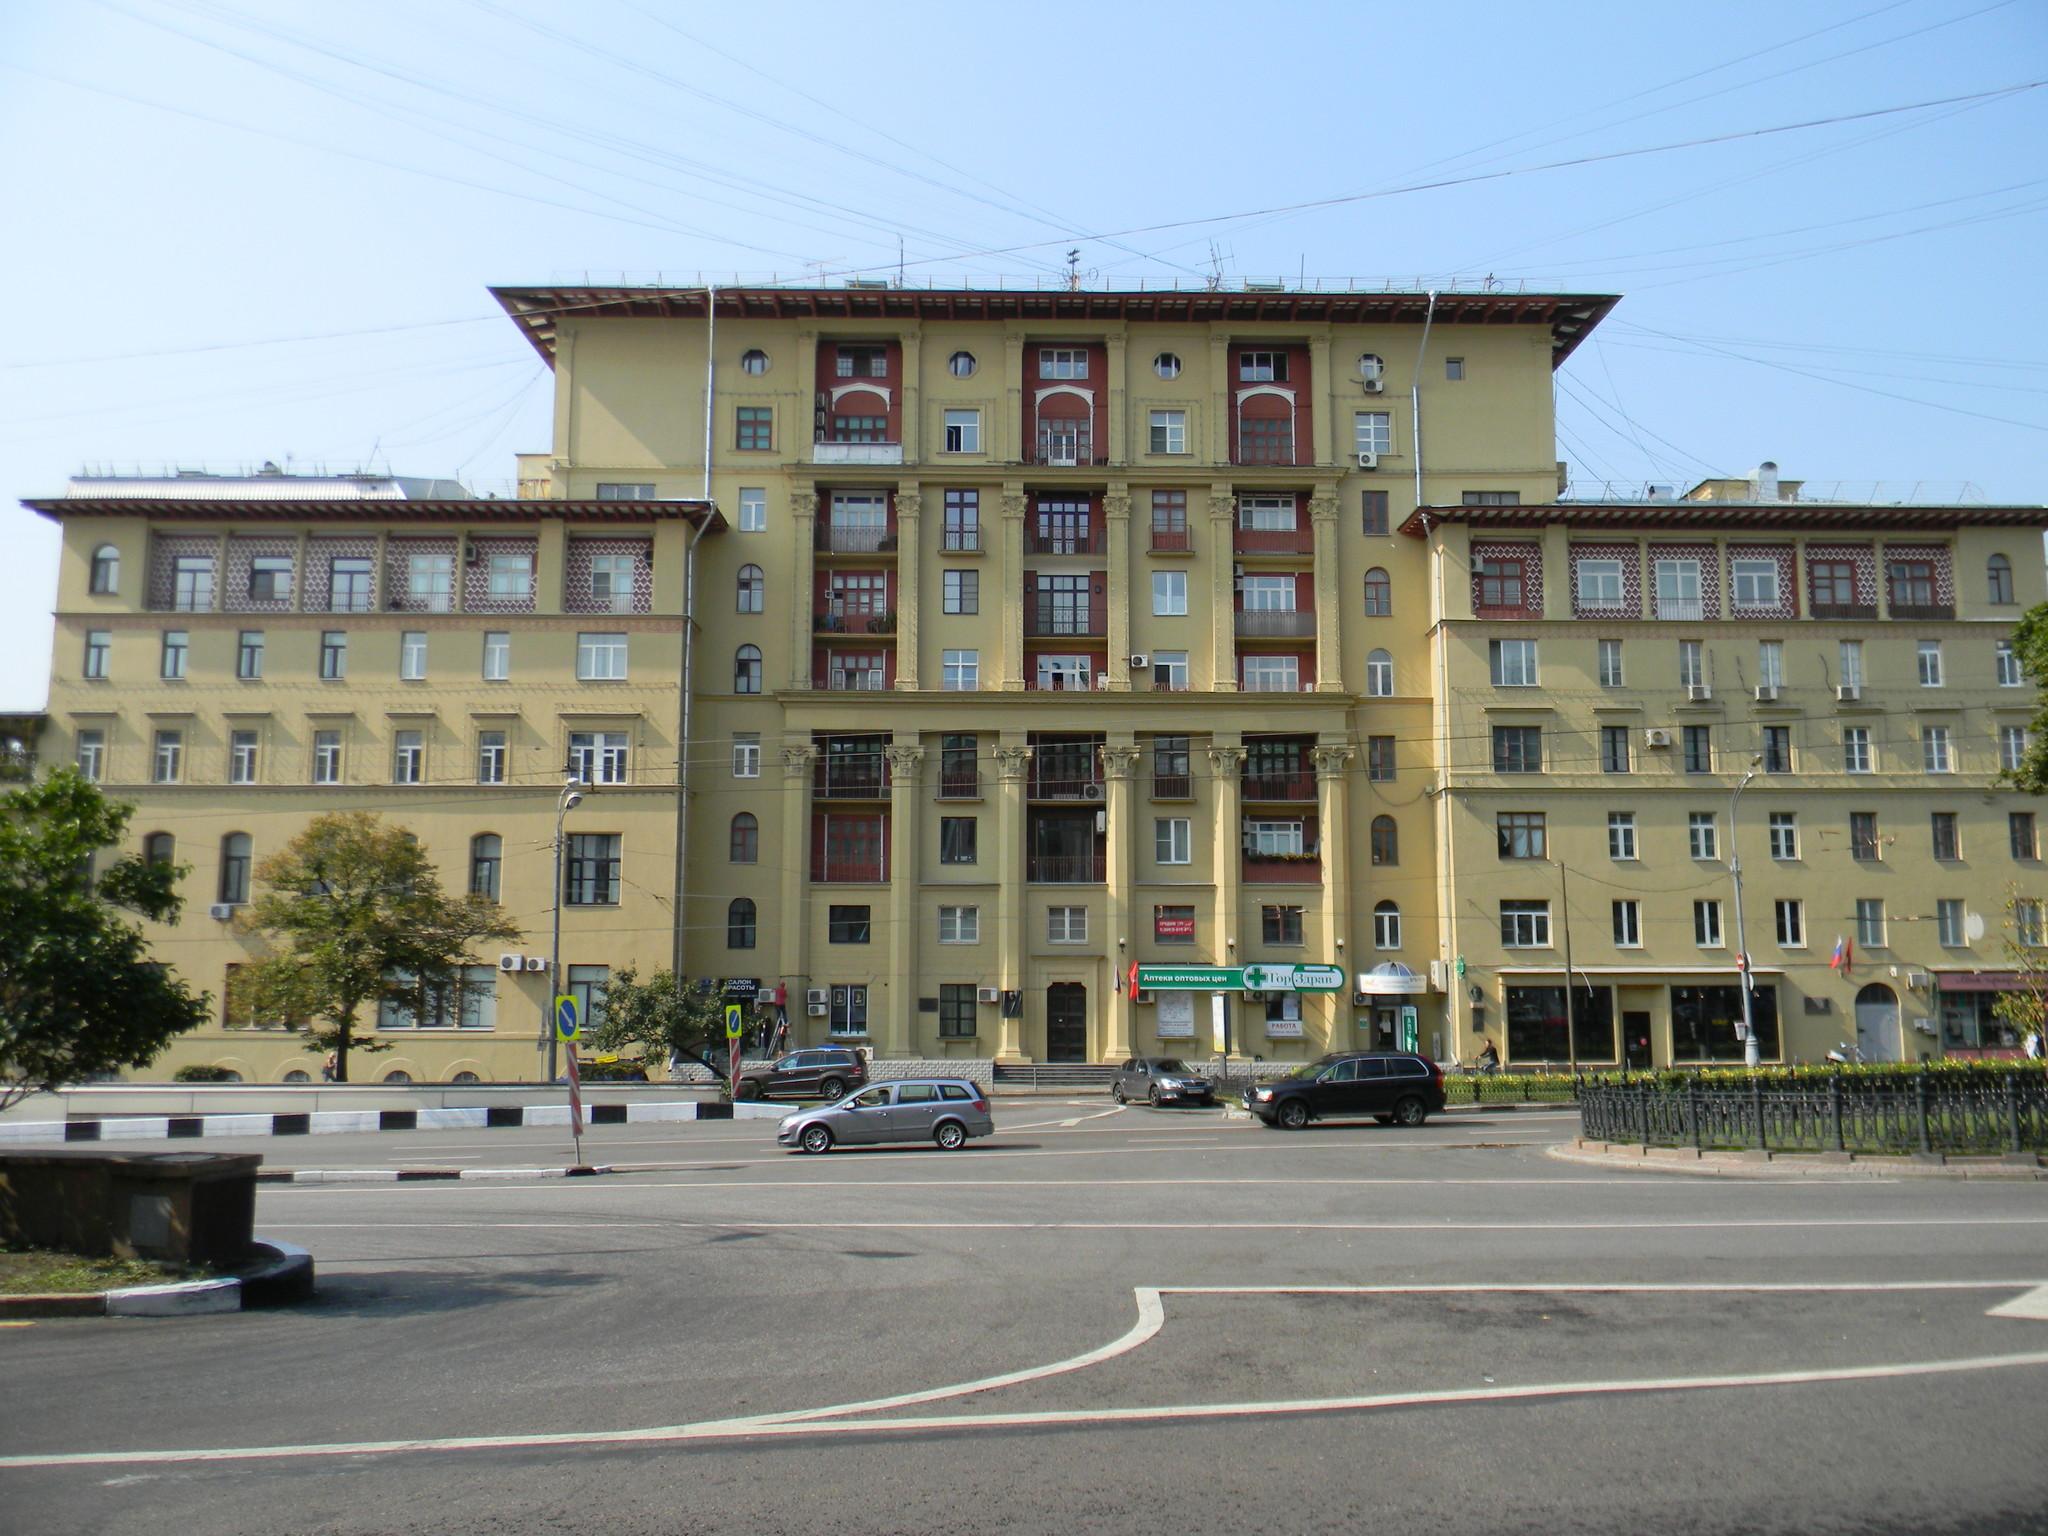 «Дом полярников», где с 1938 по 1983 год жил первый Герой Советского Союза Анатолий Васильевич Ляпидевский